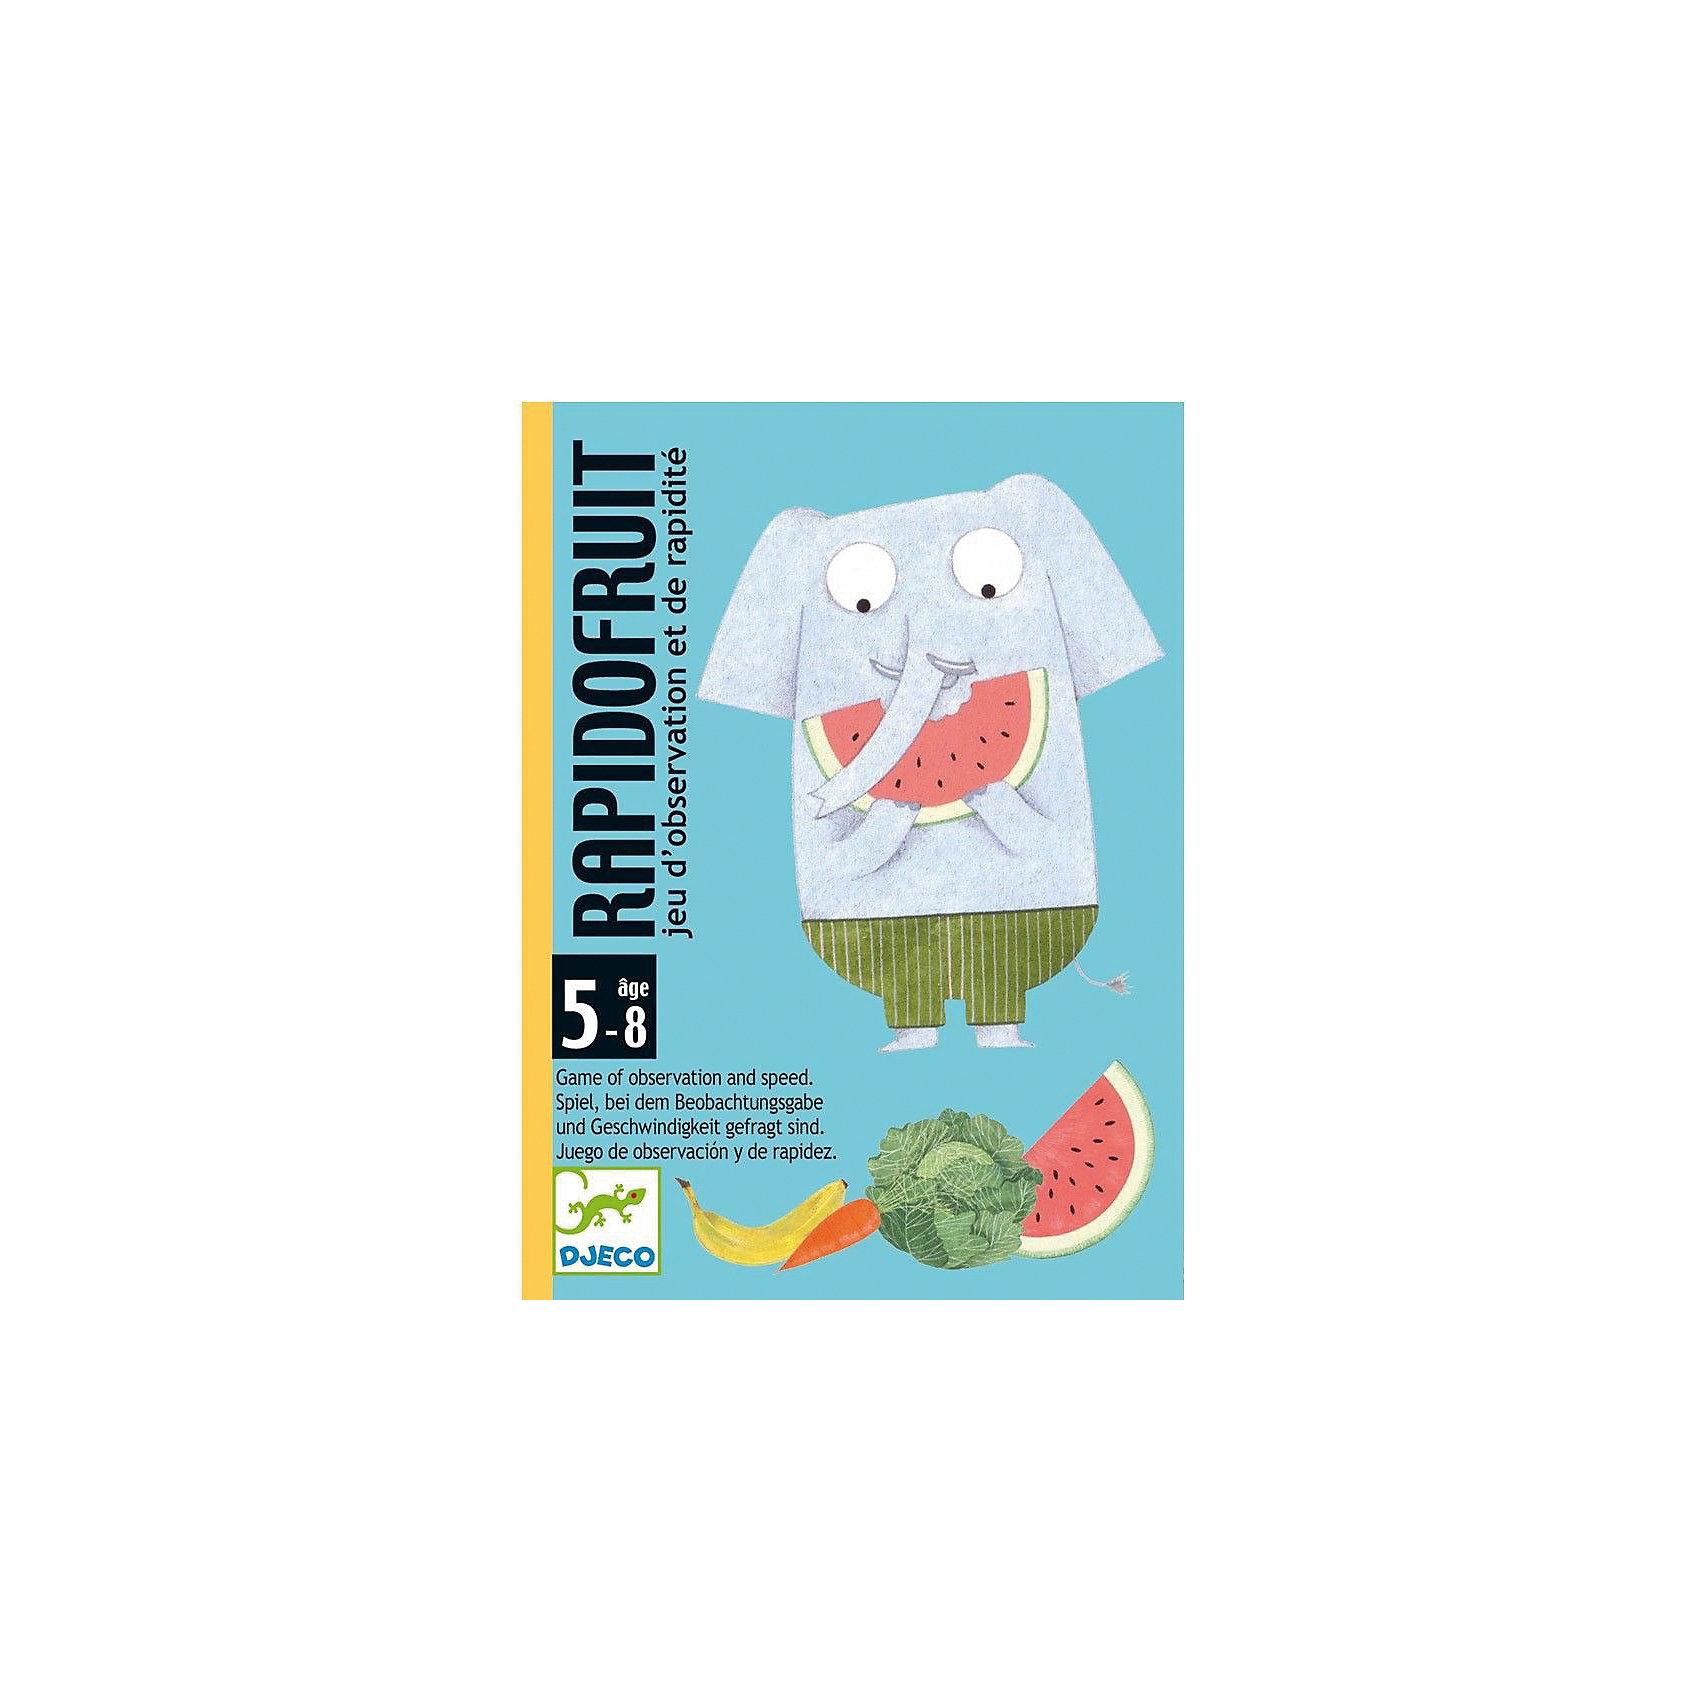 Карточная игра Быстрые фрукты, DJECOКарточные игры<br>Детская карточная игра Быстрые фрукты от французского производителя Djeco - увлекательная игра для детей и взрослых на скорость и сообразительность. <br><br>Правила игры Быстрые фрукты: <br><br>Целью игры является заработать карточек с изображениями фруктов или овощей больше, чем у других участников игры. <br><br>Игрокам раздаются карточки с изображением животных из колоды, после чего участники кладут их рядом с собой рубашкой вверх. Карточки с изображением фруктов/овощей кладутся в центр стола отдельной стопкой, лицевой стороной вверх. В начале хода участники переворачивают по первой карточке с изображением животных. <br><br>Если оказалось, что на столе есть карты с повторяющимися животными, игроки, у кого на руках эти карты, бьют рукой по стопке с карточками фруктов/овощей. Тот, кто успел первым, забирает 1 карточку. <br>Если оказалось, что на какой-либо из карточек игроков изображен такой же фрукт или овощ, что и на карточке в центре стола, участвуют все игроки - они также должны ударить по карточкам с фруктами/овощами, и успевший первым забирает 1 карточку. <br><br>В том случае, если один из участников ударил по карточкам с изображением фруктов/овощей по ошибке, он платит штраф - 1 карточку с фруктами/овощами из выигранных. <br><br>Игра заканчивается, когда заканчиваются карточки фрукты/овощи. Победившим считается собравший наибольшее количество карточек. <br><br>Изображения на карточках очень красочные и необычные. Малышам обязательно понравится не только играть с ними, но и рассматривать красивые картинки. <br><br>Игра продается в красочной яркой коробке, в которой можно хранить карточки. Игру удобно брать с собой в поездку или в гости. <br><br>Игра Быстрые фрукты прекрасно развивает быстроту реакции и наблюдательность ребенка, она станет прекрасным развлечением во время семейных вечером, а также подойдет для любого детского праздника. <br><br>Количество игроков: 2-4 человека.<br>Рекомендована для детей воз